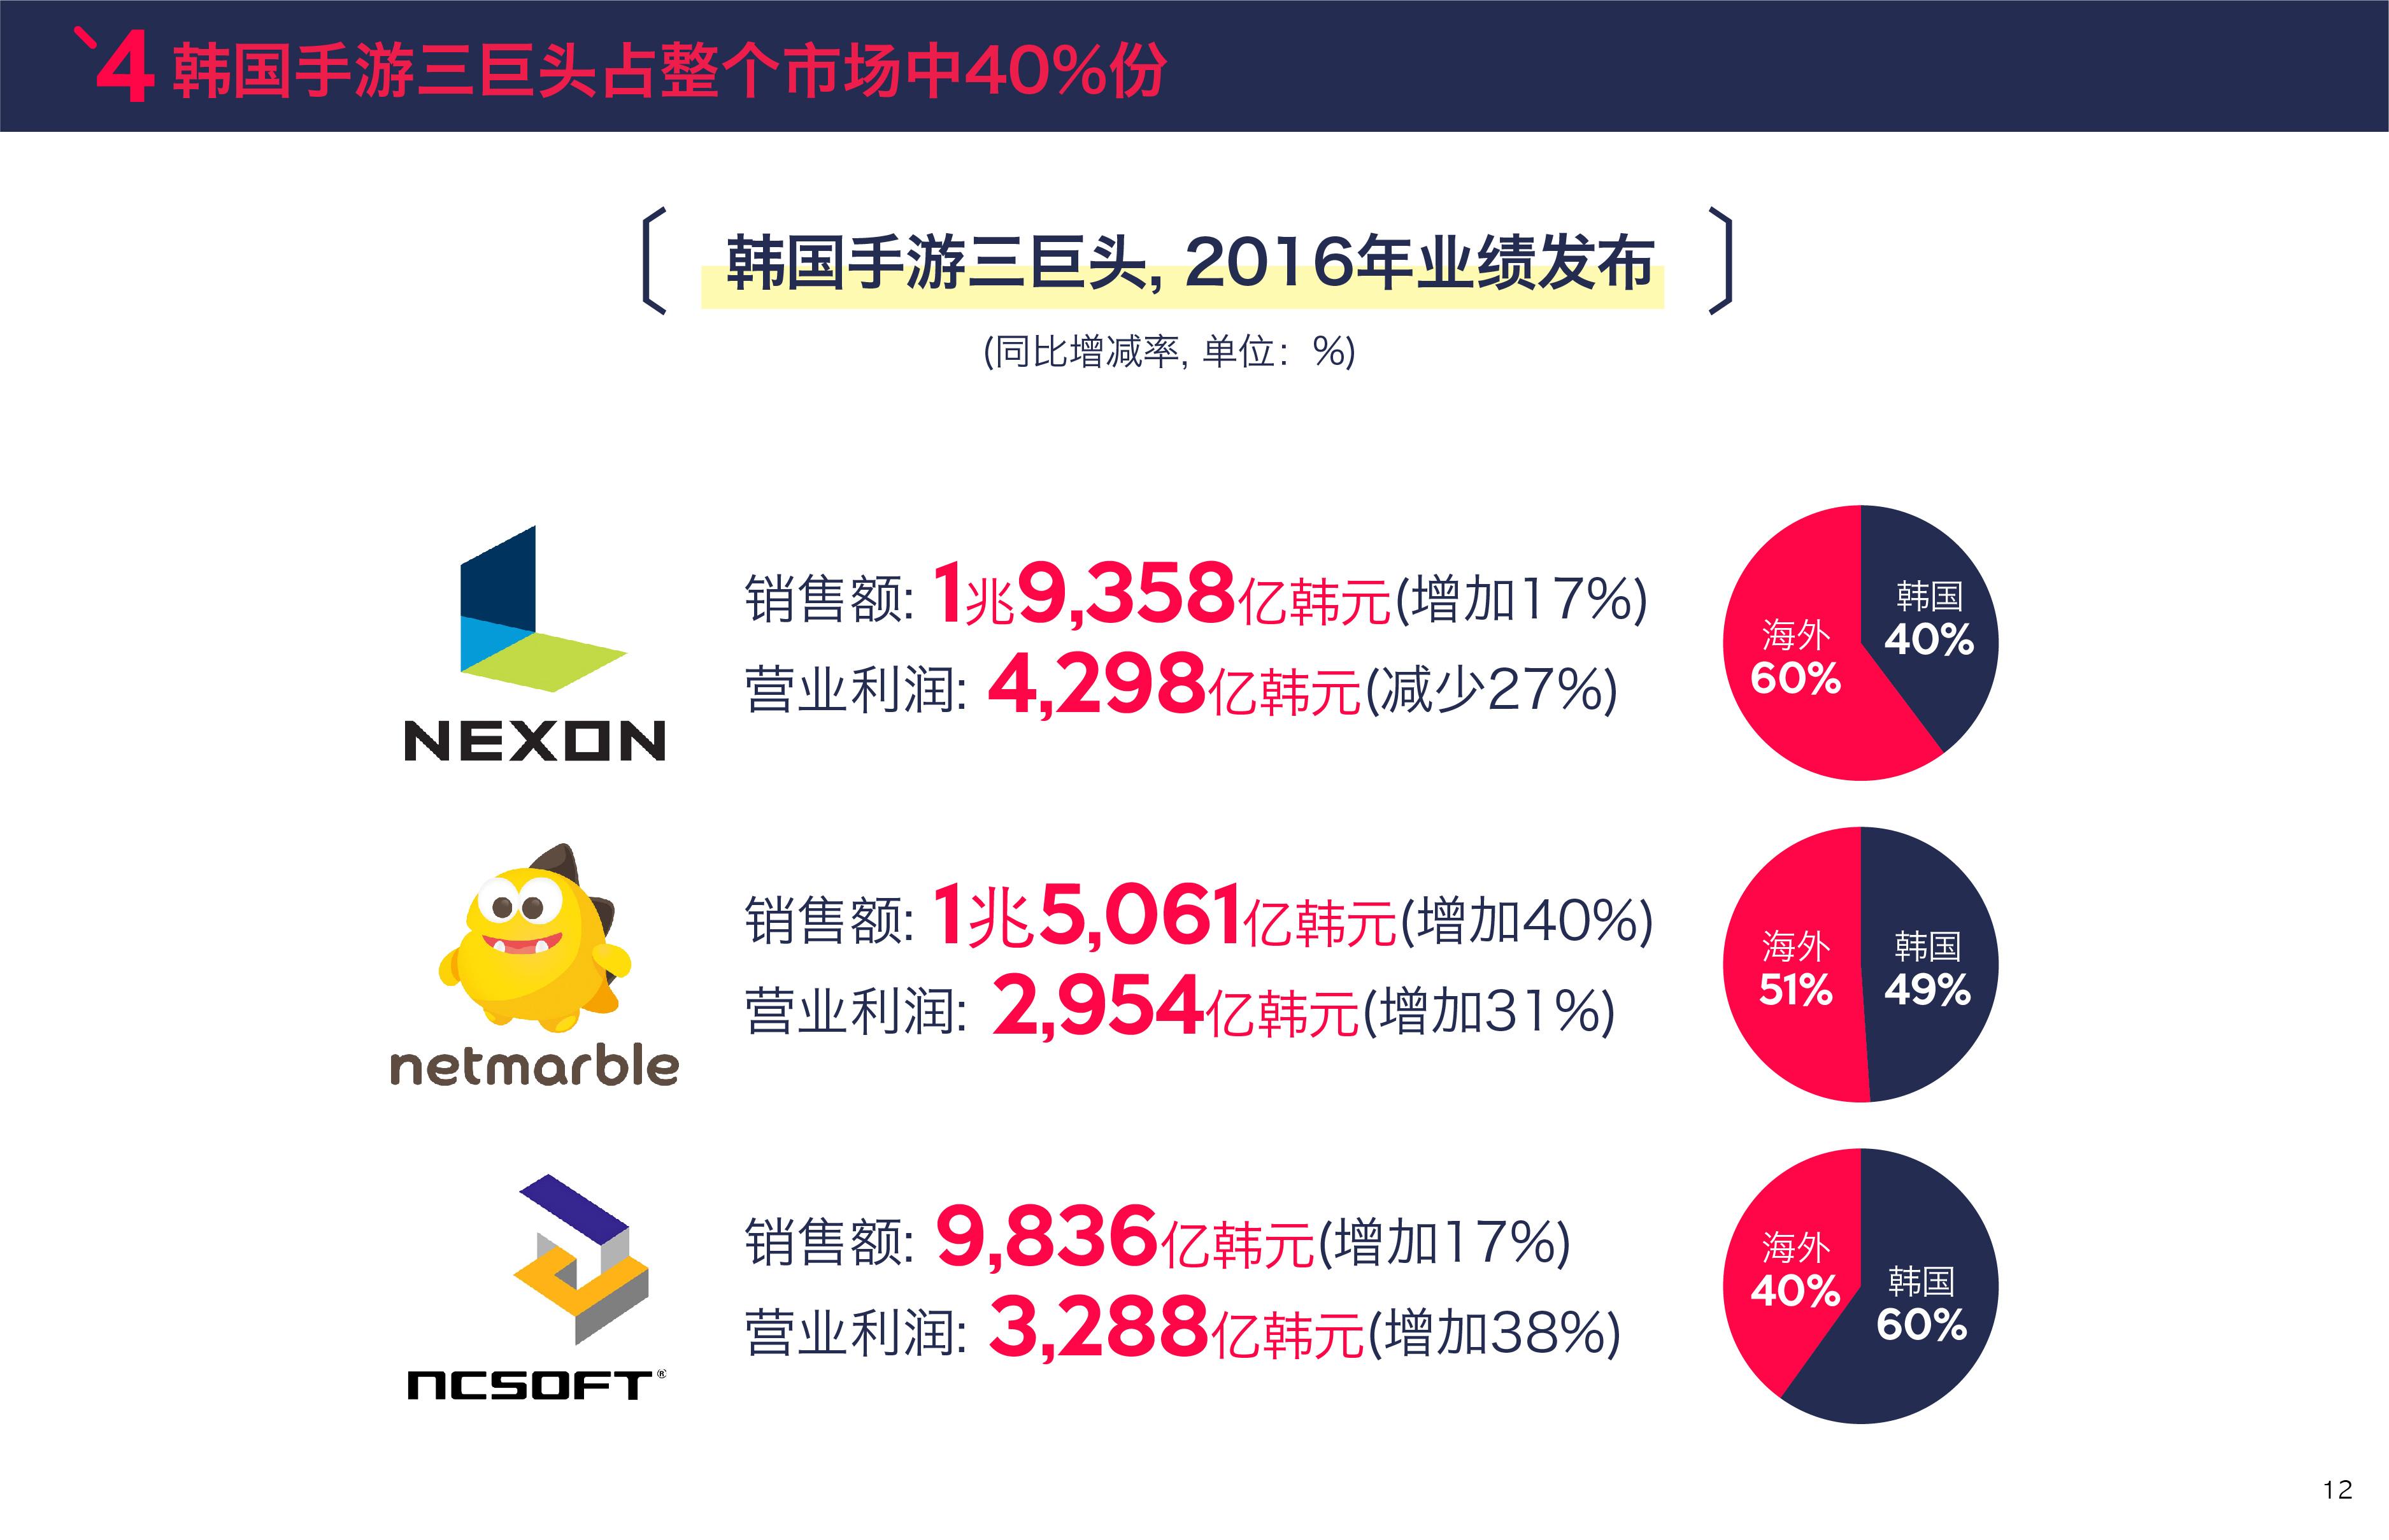 Mreport_2017_3_china-13